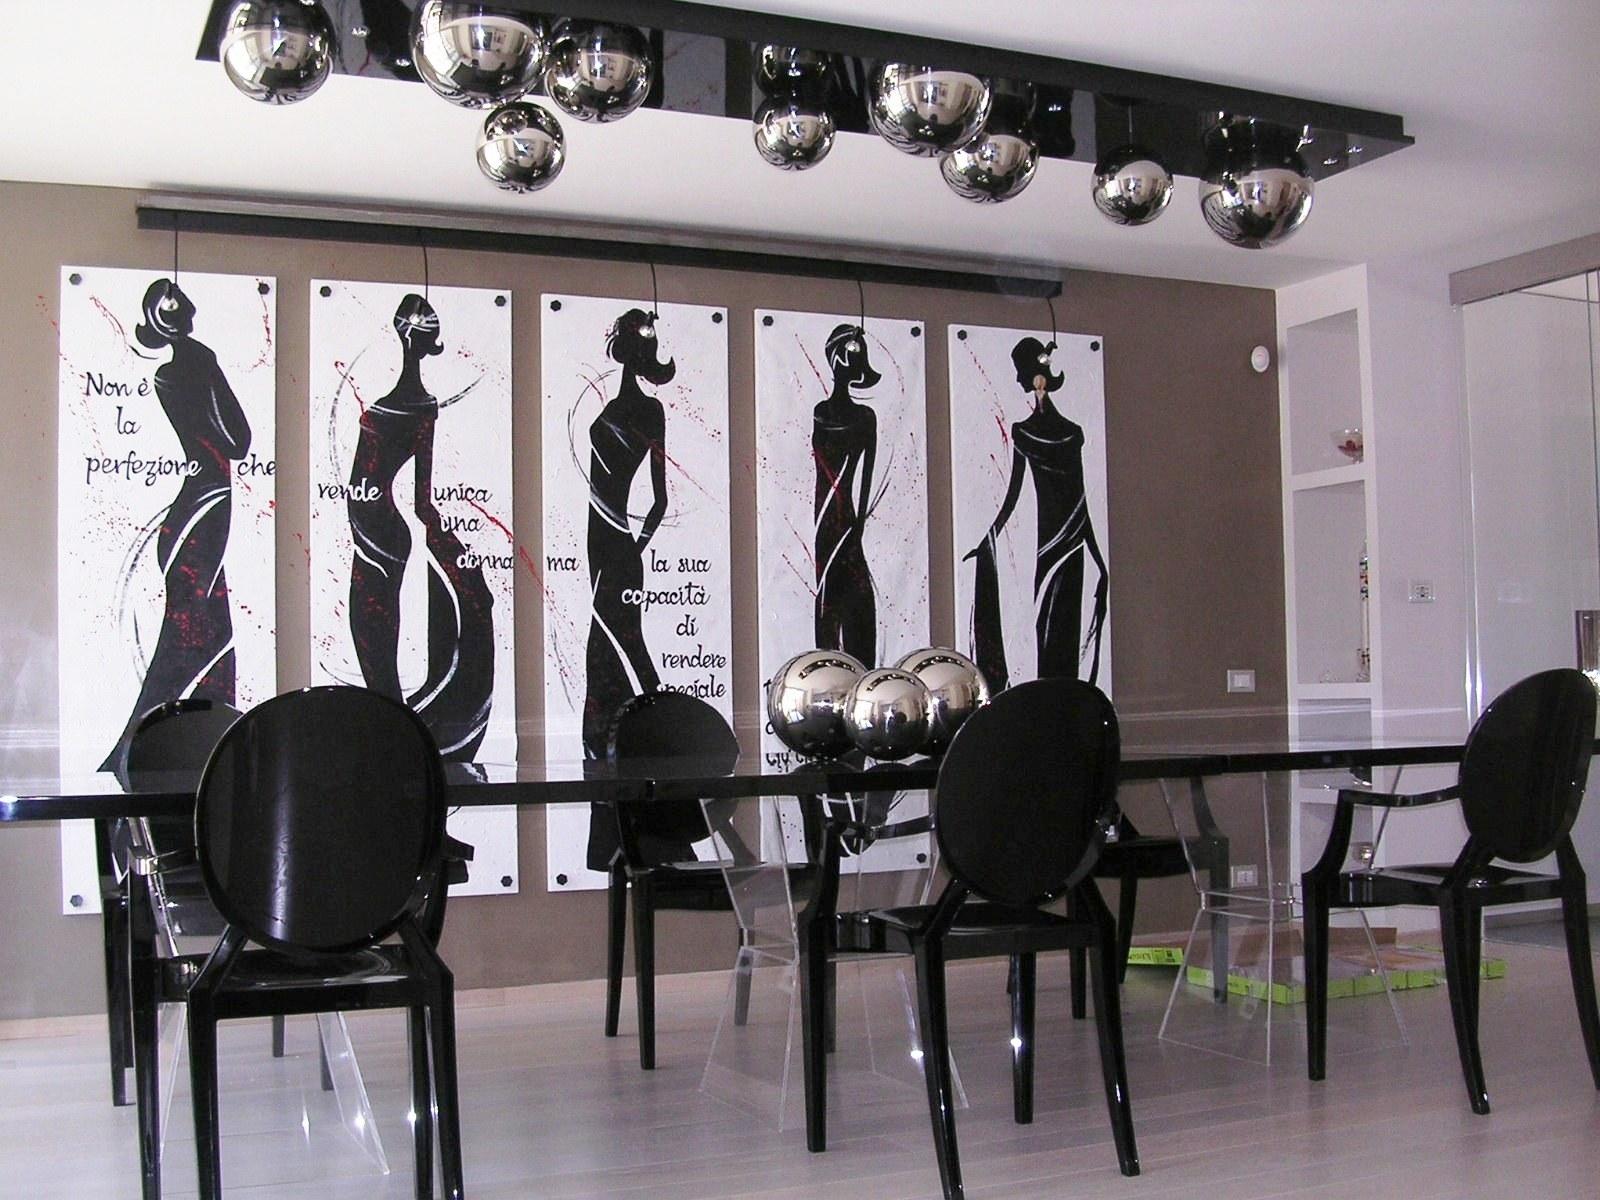 Pannello decorativo e lampadario disegno orietta mosca - Pannelli decorativi fai da te ...